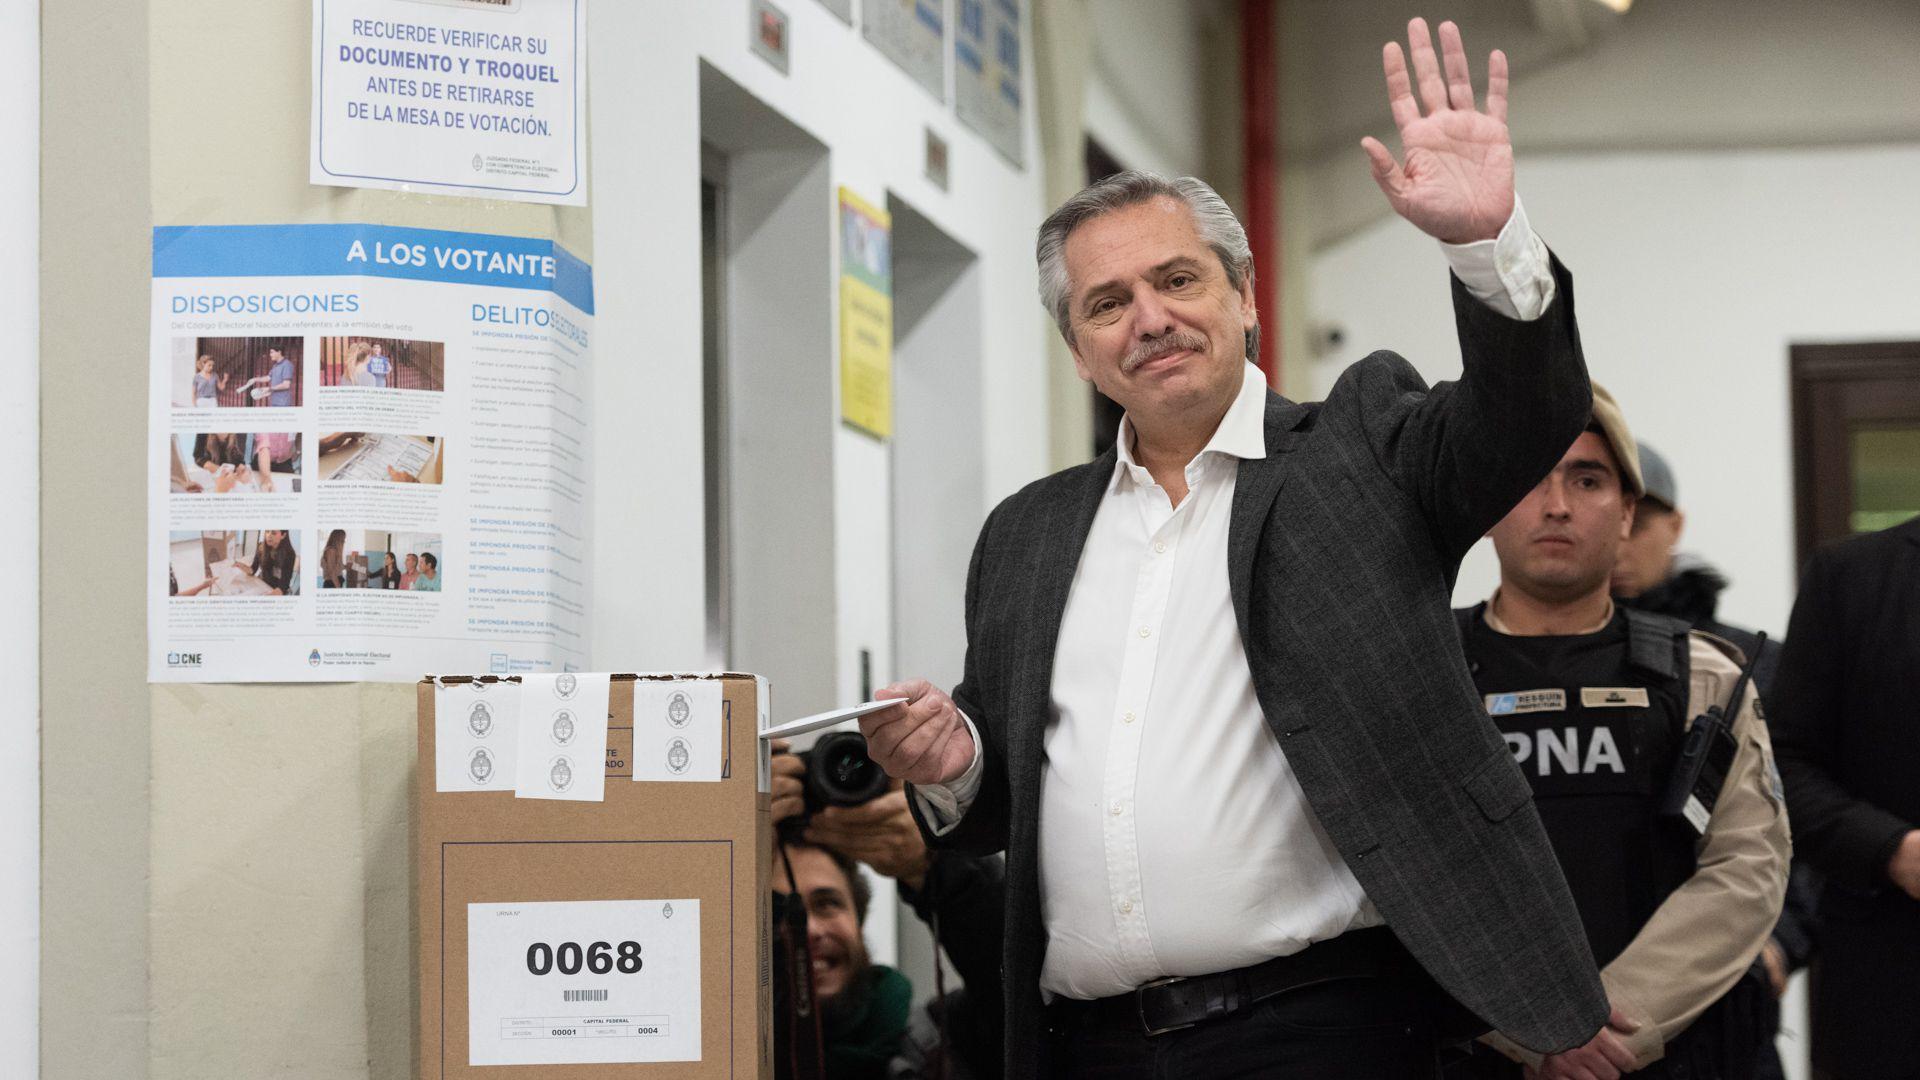 Alberto Fernández votó en la Universidad Católica. Volvió a criticar el escrutinio provisorio